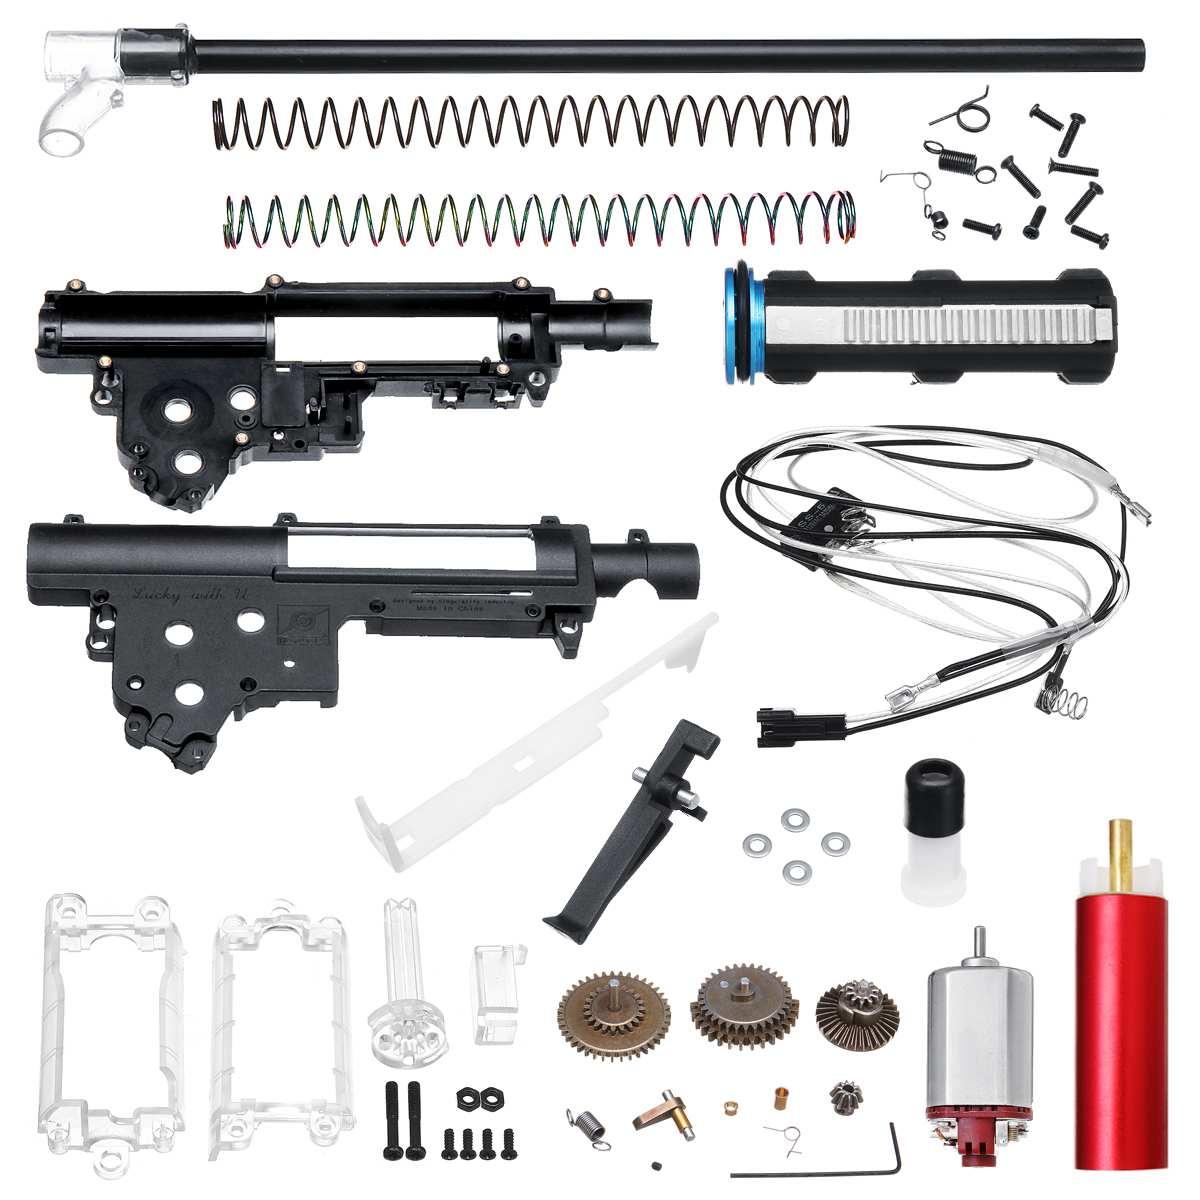 Mise à niveau des Kits de boîte de vitesses en Nylon pour JinMing M4A1 Gen 8 cicatrice V2 Gel sablage Gu n accessoires de remplacement avec moteur 460